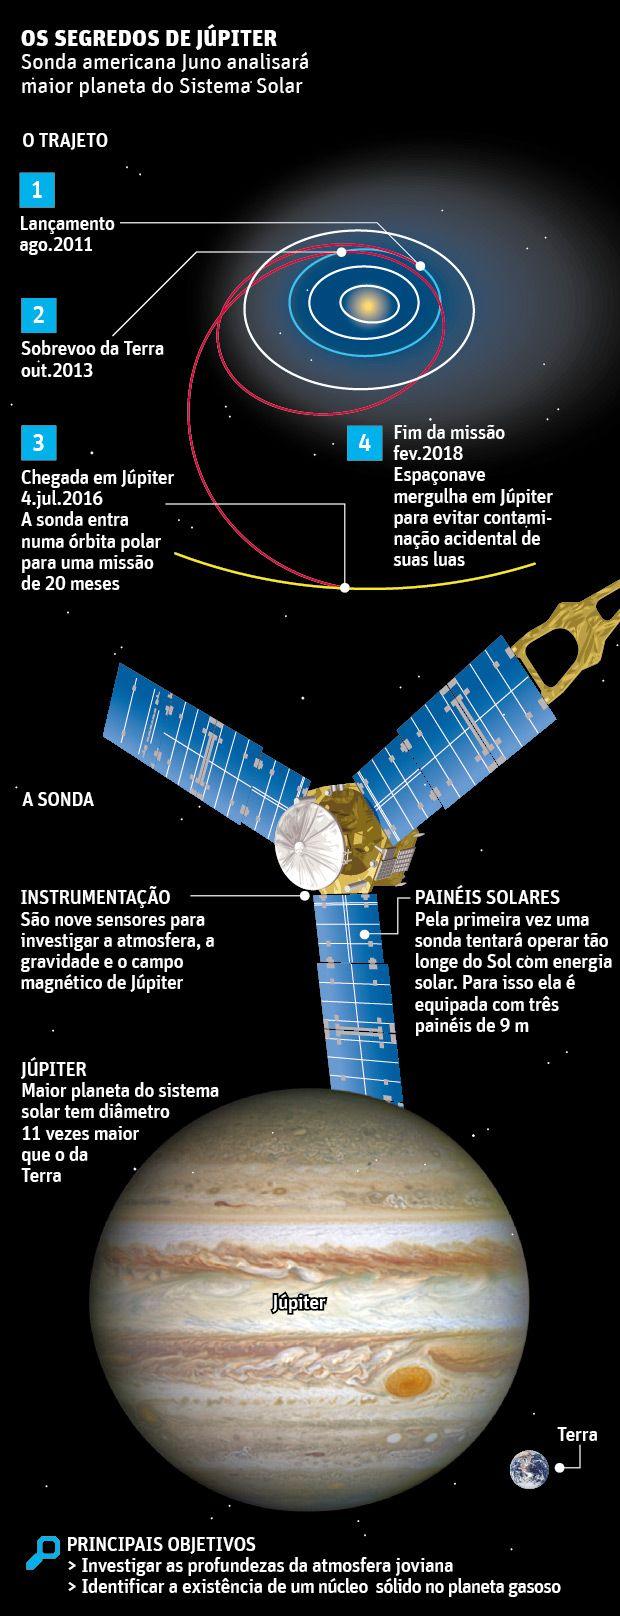 Após longa jornada, sonda Juno entra na órbita de Júpiter com sucesso - 05/07/2016 - Ciência - Folha de S.Paulo